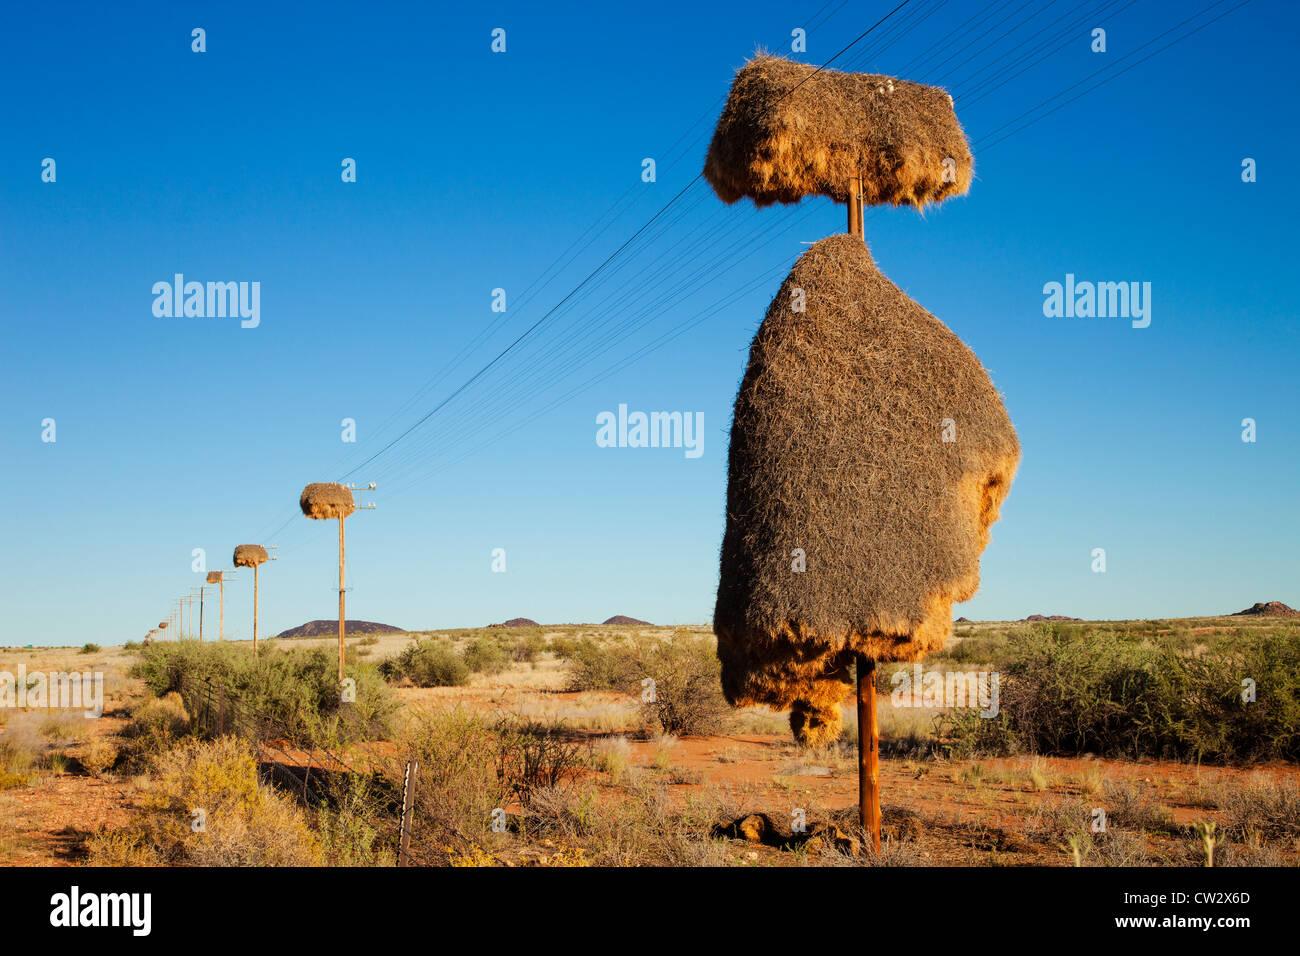 Sociable Weaver nido (Philetairus socius)realizada sobre un poste telefónico.Namibia Imagen De Stock